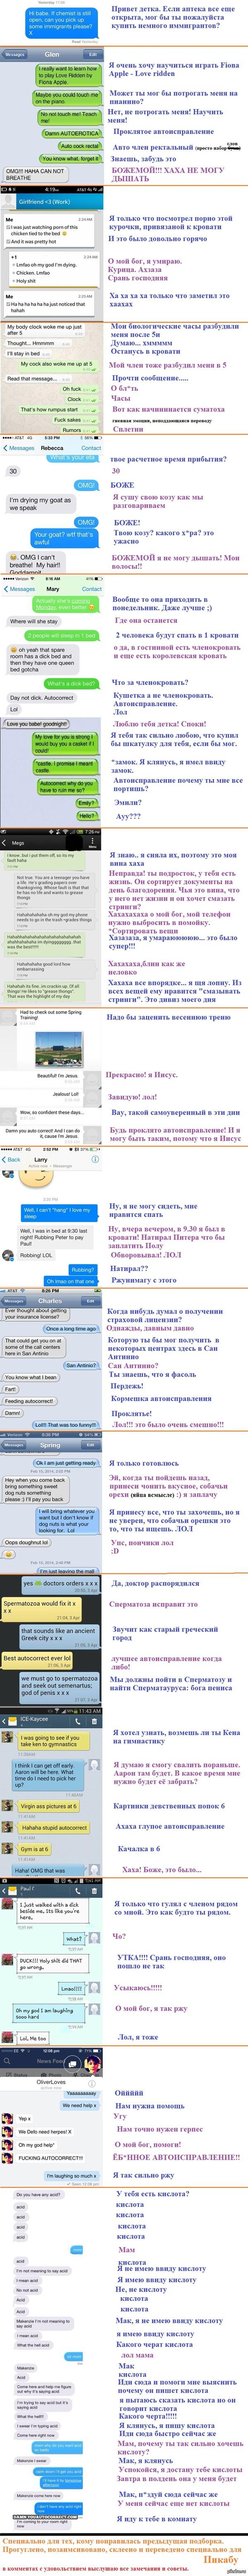 """Смешные СМСки с автозаменой текста - Часть 2 За ошибки перевода прошу не бить. т.к. я только на стадии изучения языка.  1 часть: <a href=""""http://pikabu.ru/story/smeshnyie_smski_s_avtozamenoy_teksta__chast_1_2148809"""">http://pikabu.ru/story/_2148809</a>"""